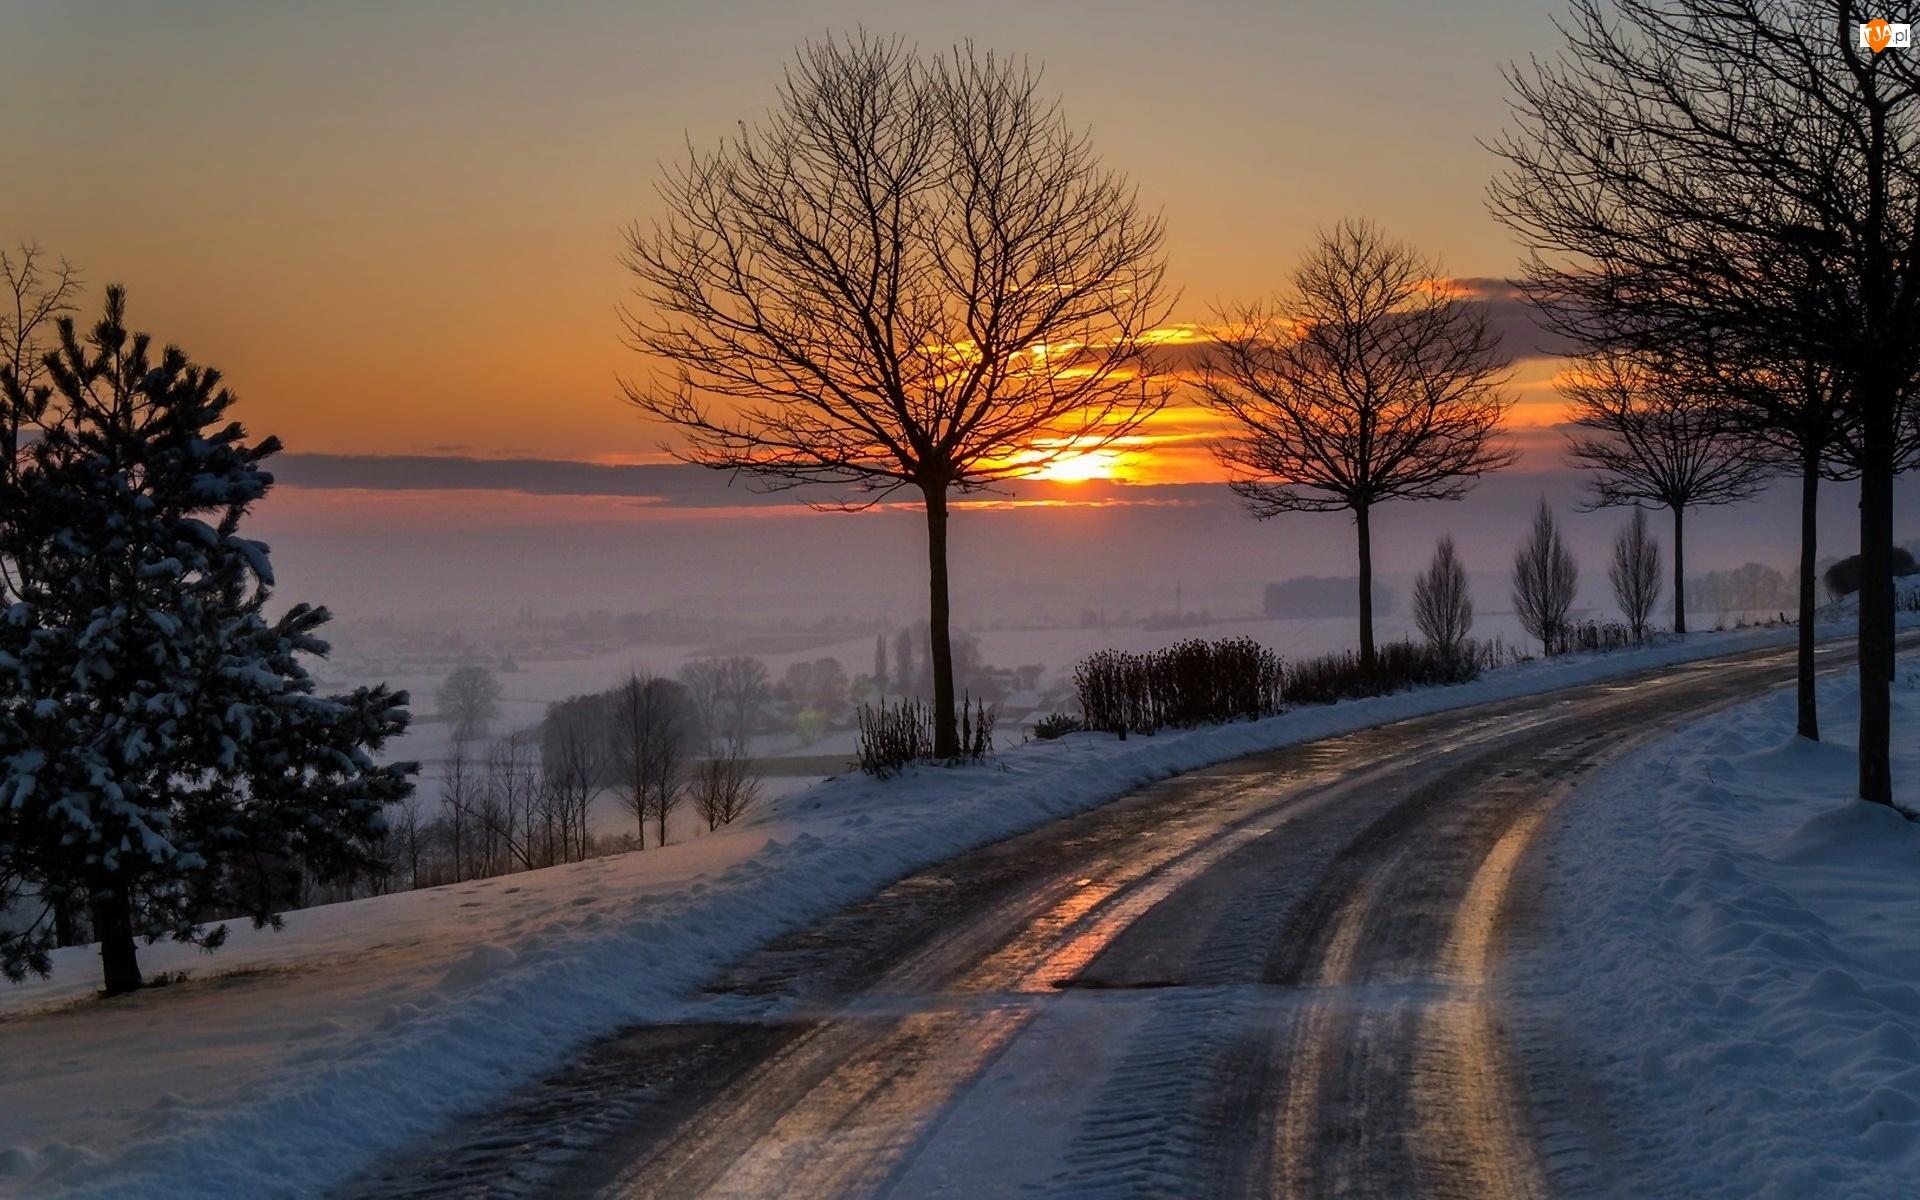 Słońca, Zima, Droga, Drzewa, Zachód